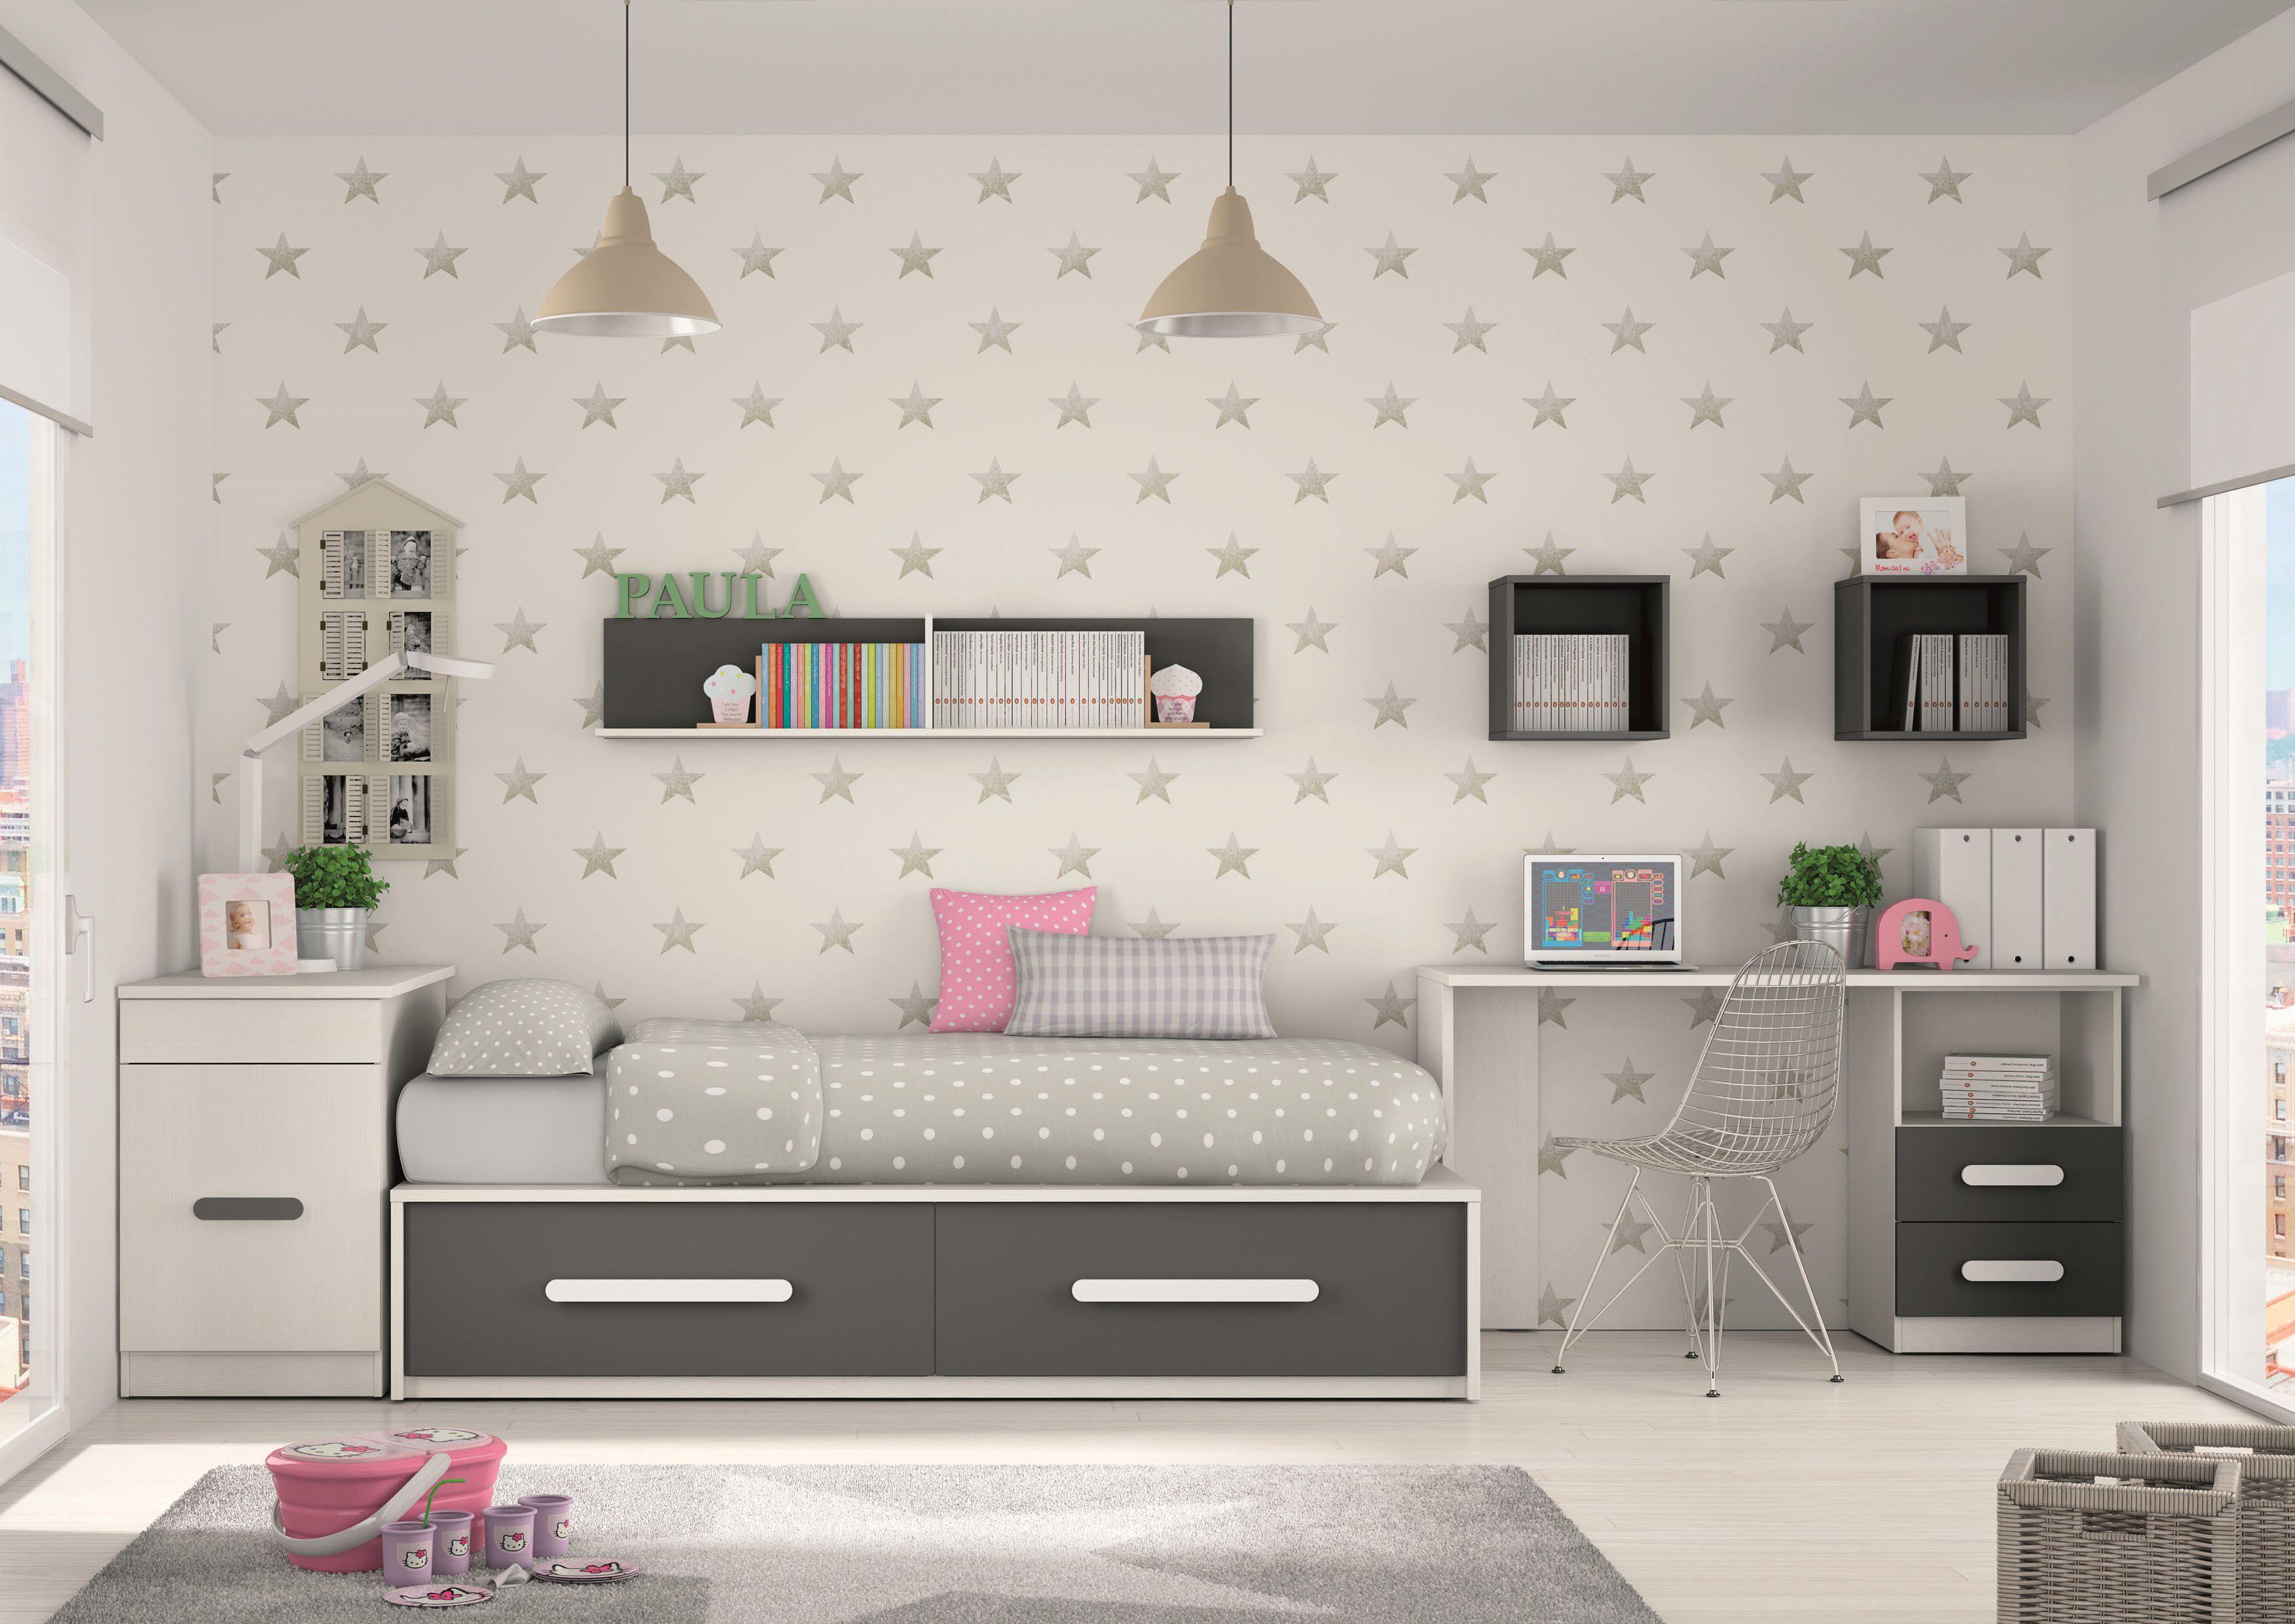 Muebles juveniles algunas ideas crea espai - Formas muebles juveniles ...